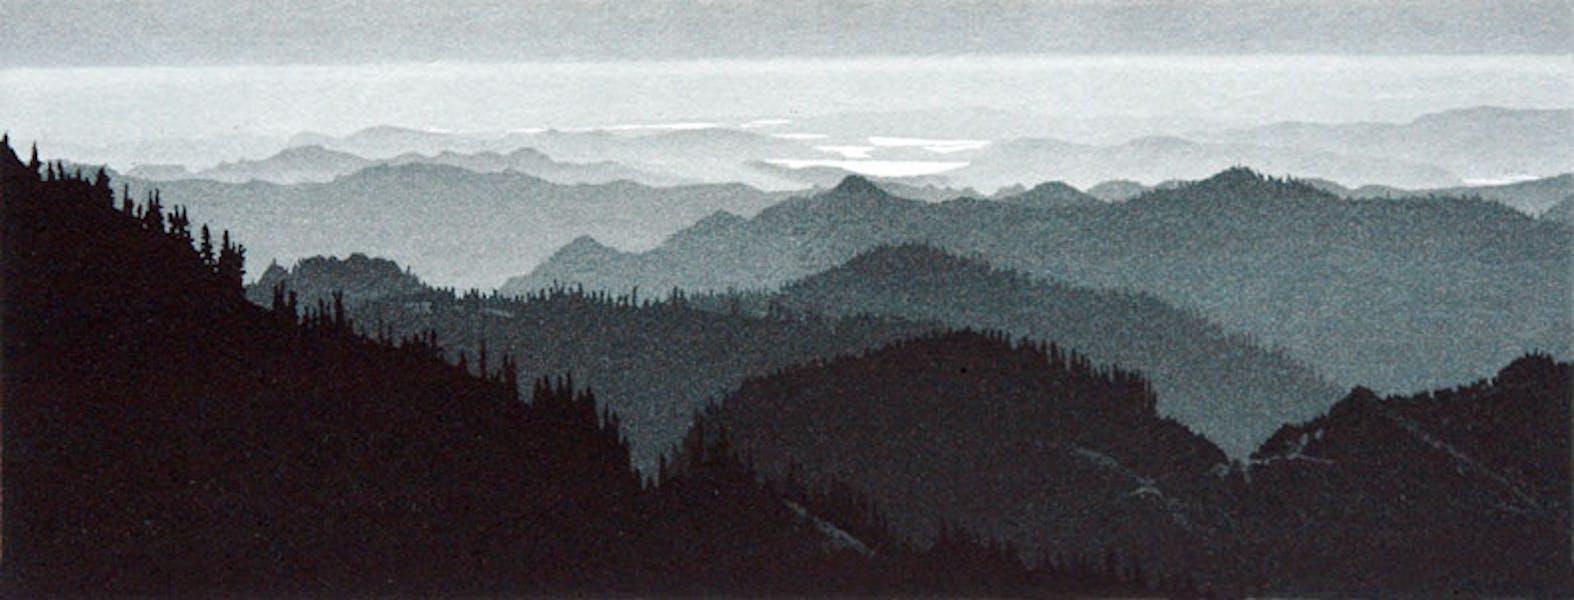 Print by Stephen McMillan